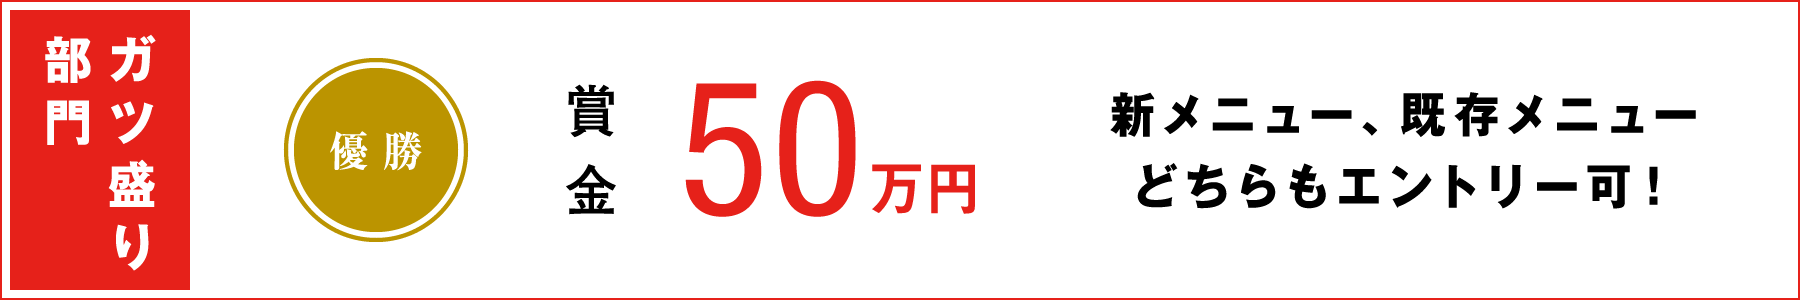 ガツ盛り部門 優勝賞金50万円(新メニュー、既存メニューどちらもエントリー可!)